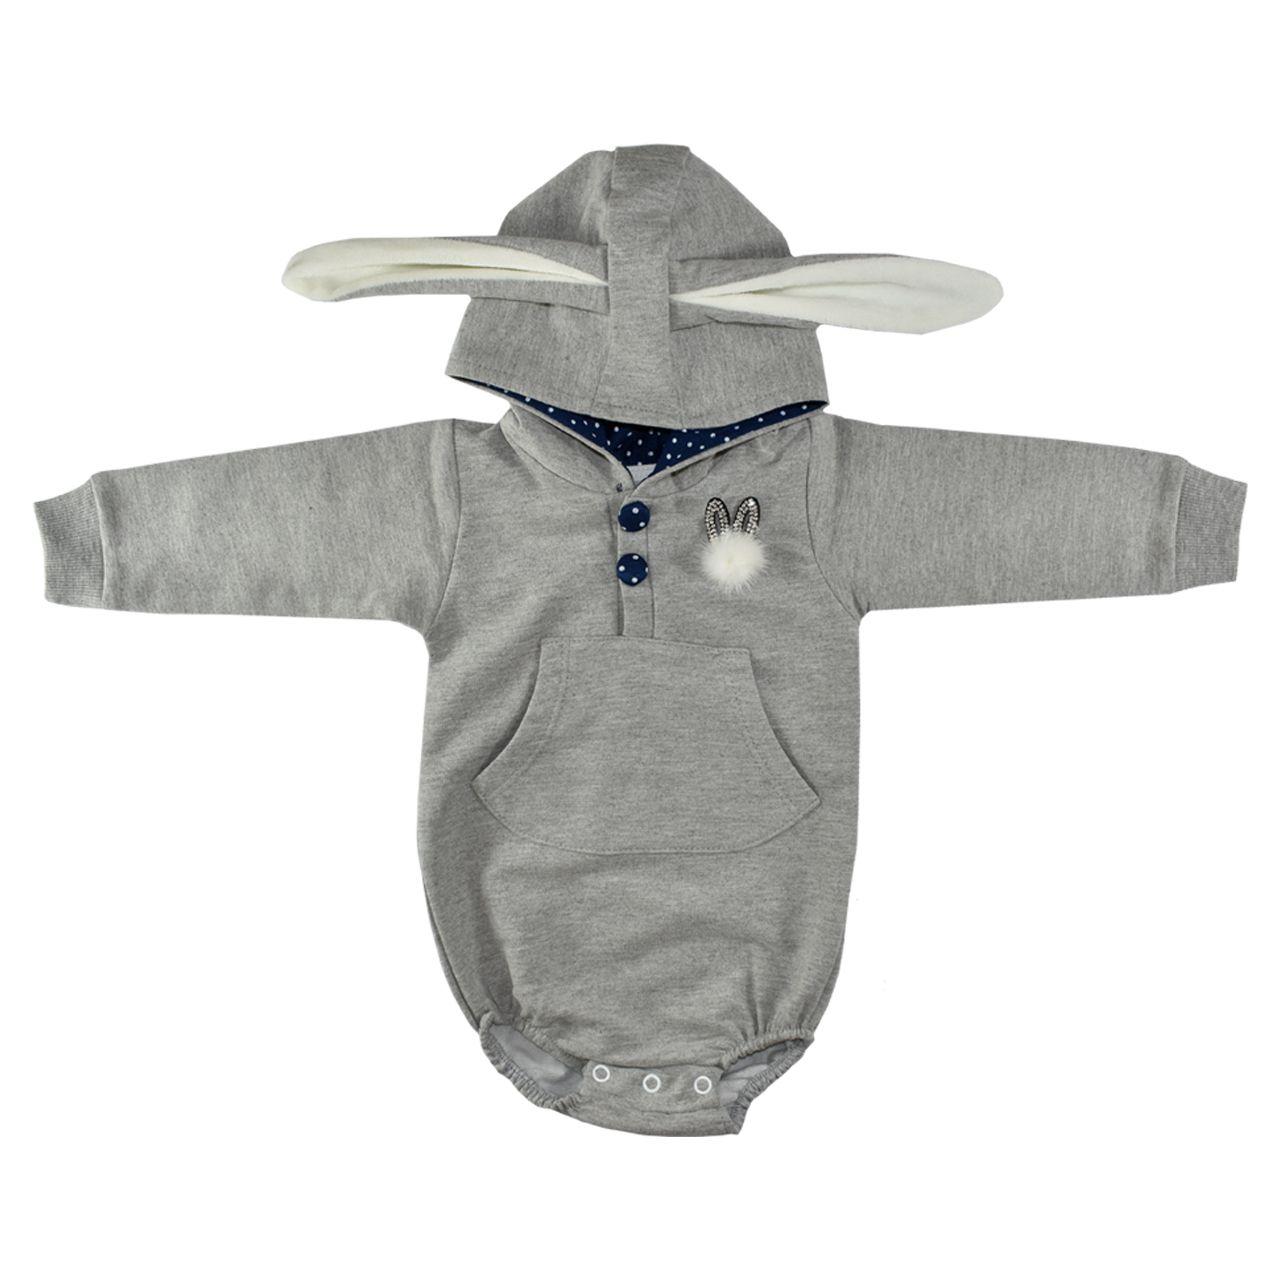 بادی آستین بلند نوزادی طرح خرگوش کد 302 -  - 2